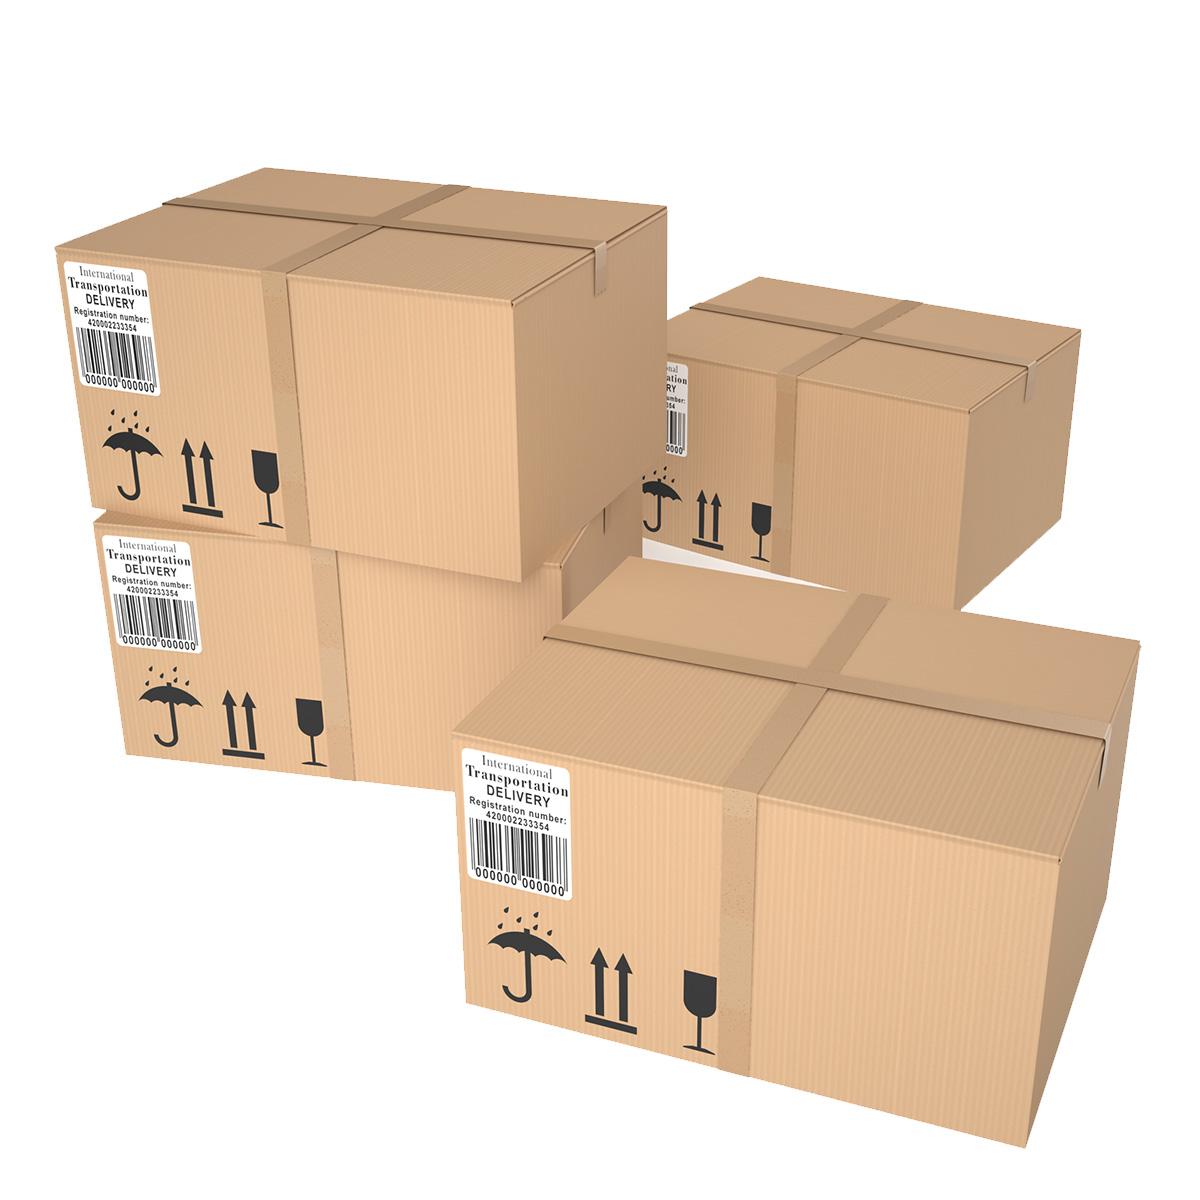 Etiquetas para logística e cadeia de suprimentos